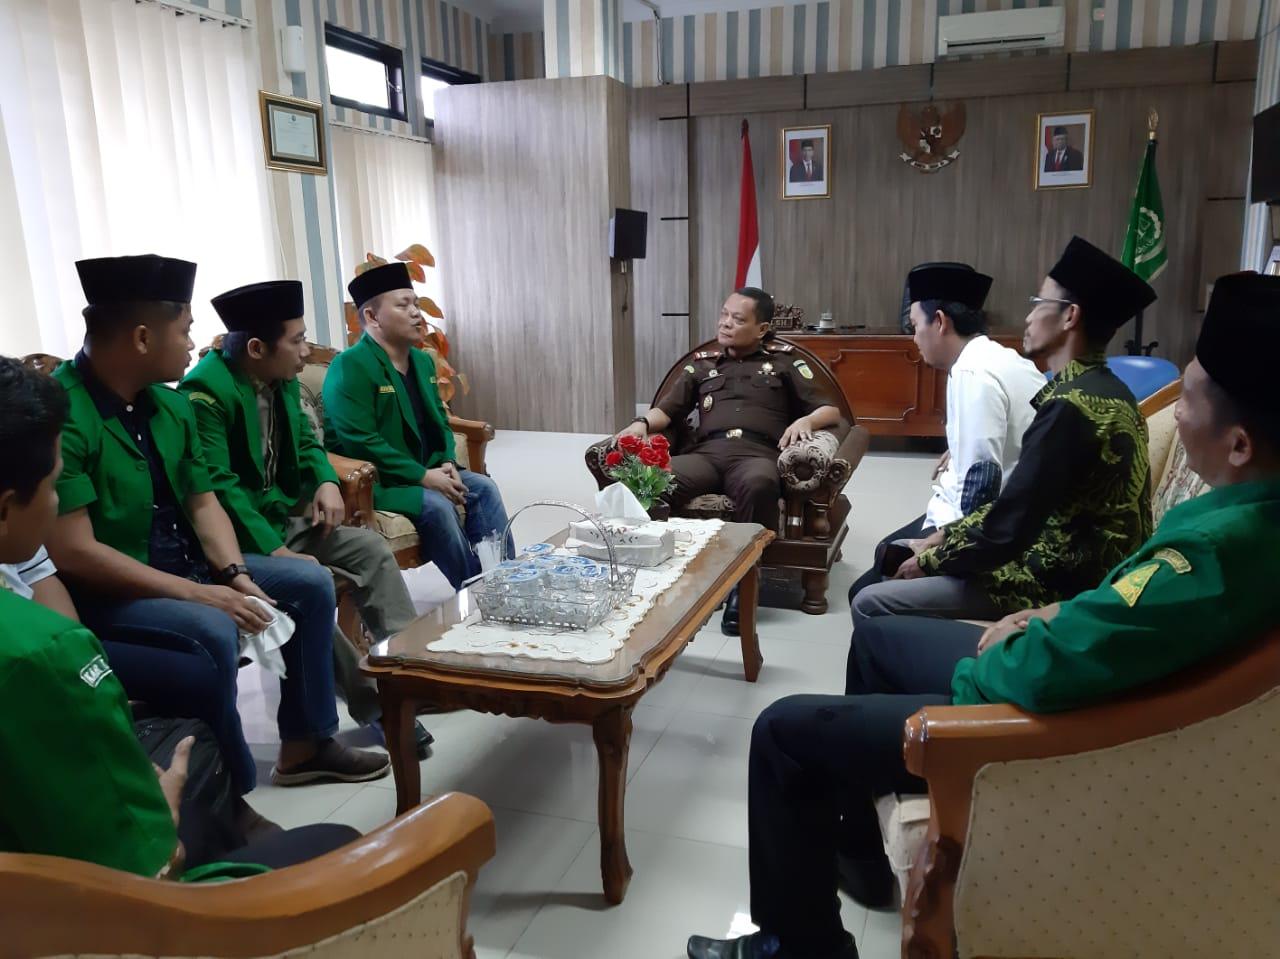 Audensi Kajari, Ansor Diminta Tangkal Paham Radikal di Kabupaten Tegal, GP Ansor